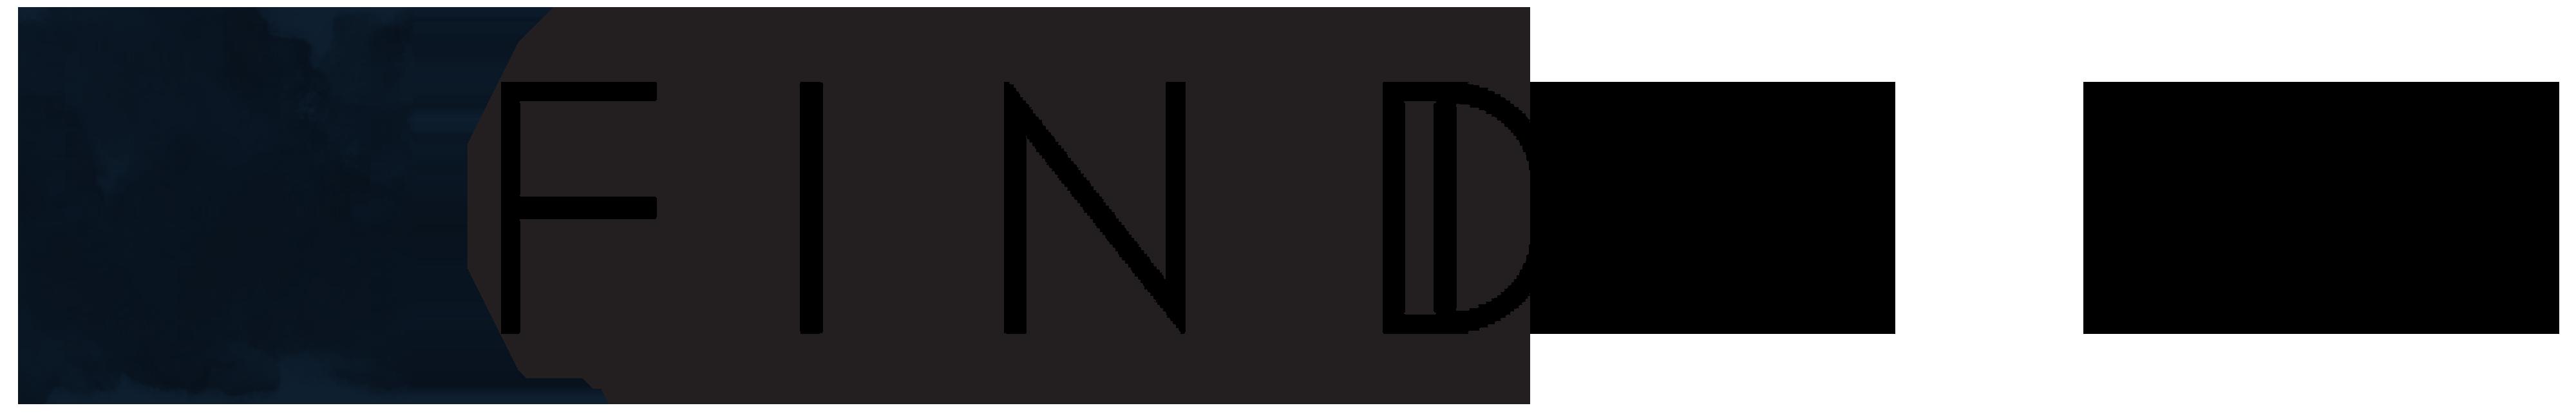 FINDHUS logo